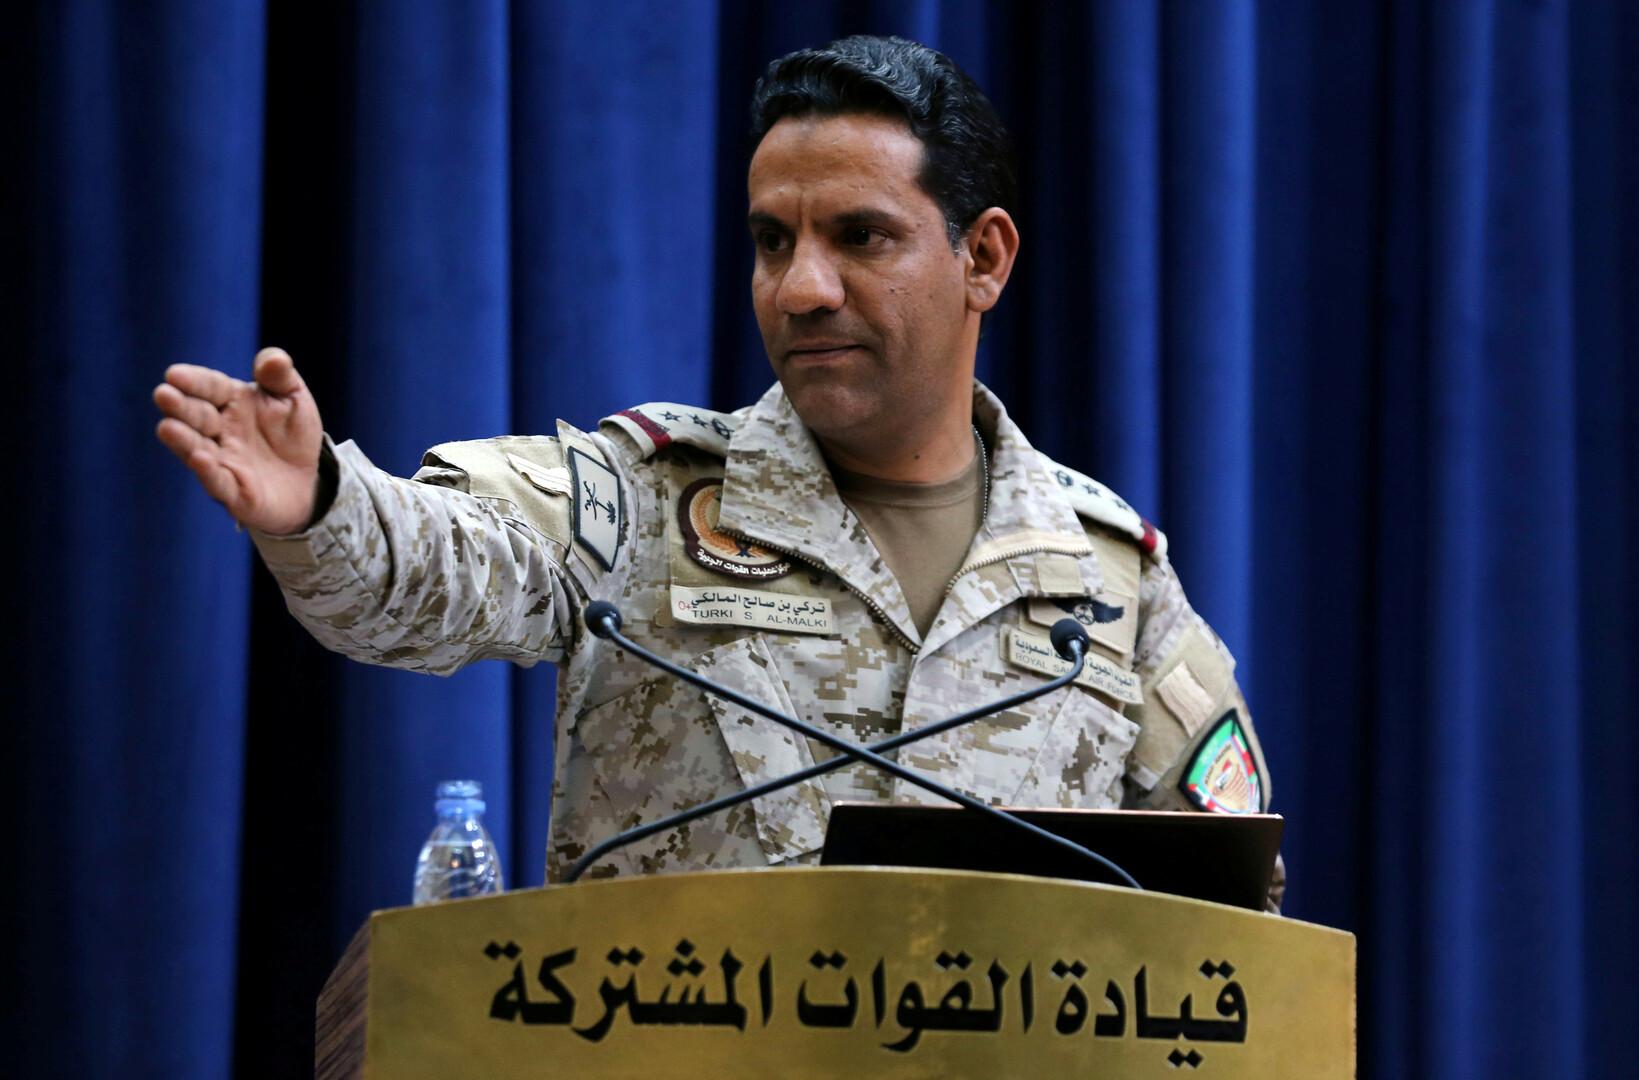 المتحدث باسم الدفاع السعودية يرد على سؤال عن فشل الدفاعات الجوية في التصدي لهجوم